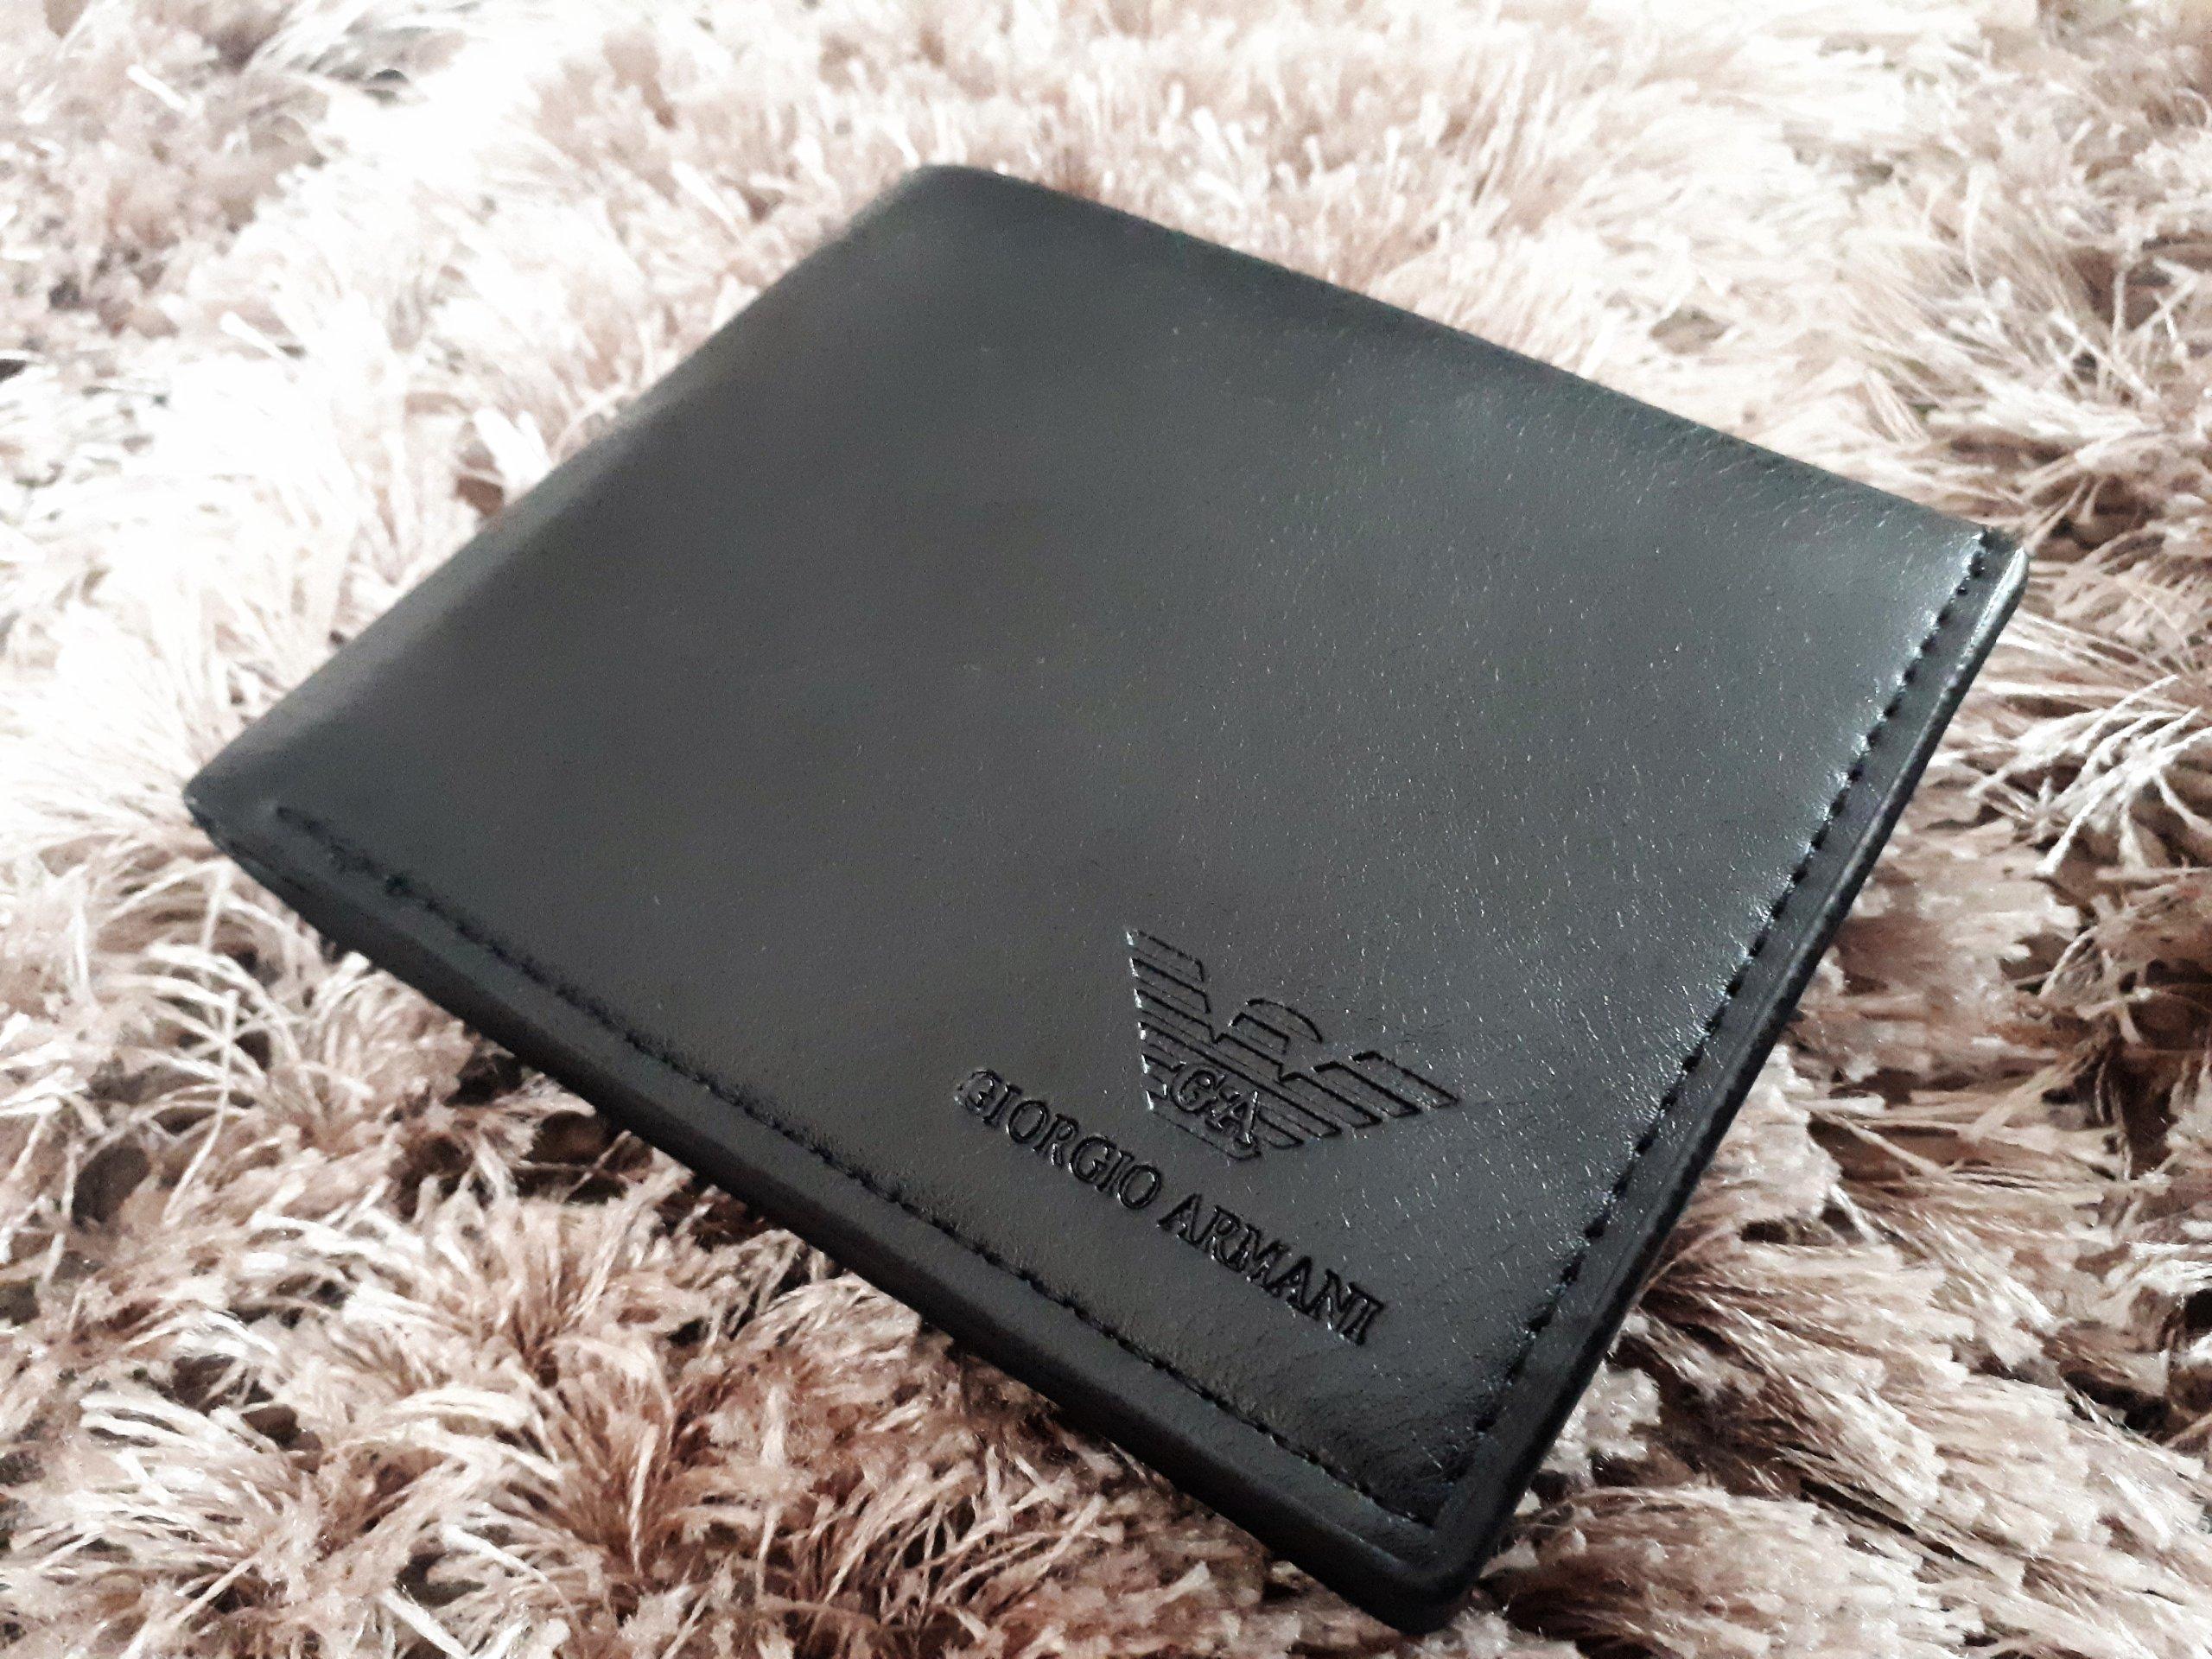 64c901d8bd881 portfel męski?brand=armani w Oficjalnym Archiwum Allegro - Strona 4 -  archiwum ofert